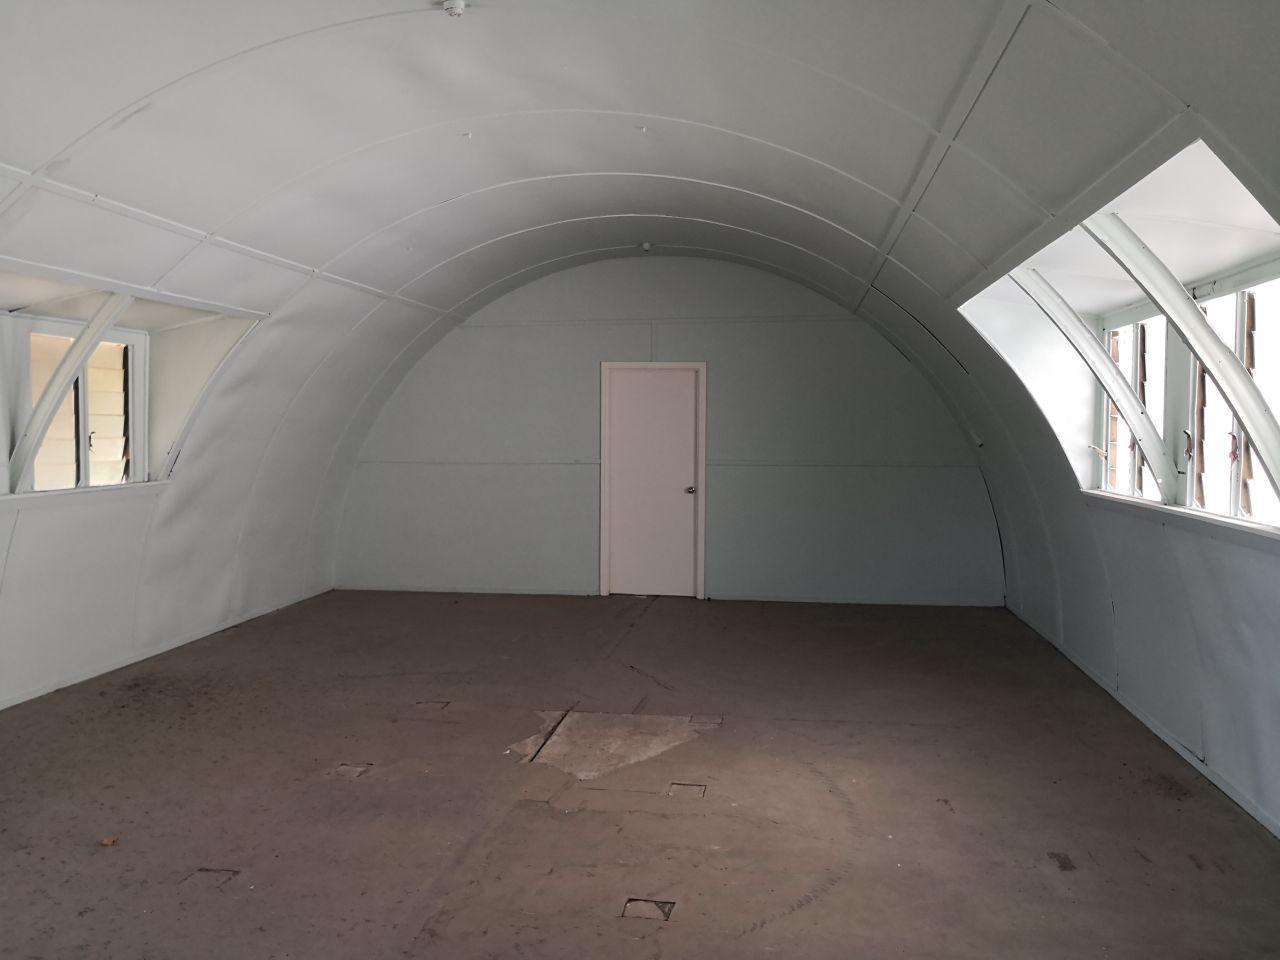 Door, Building, Floor, Flooring, Indoors, Architecture, Room, Shelter, Housing, Hangar